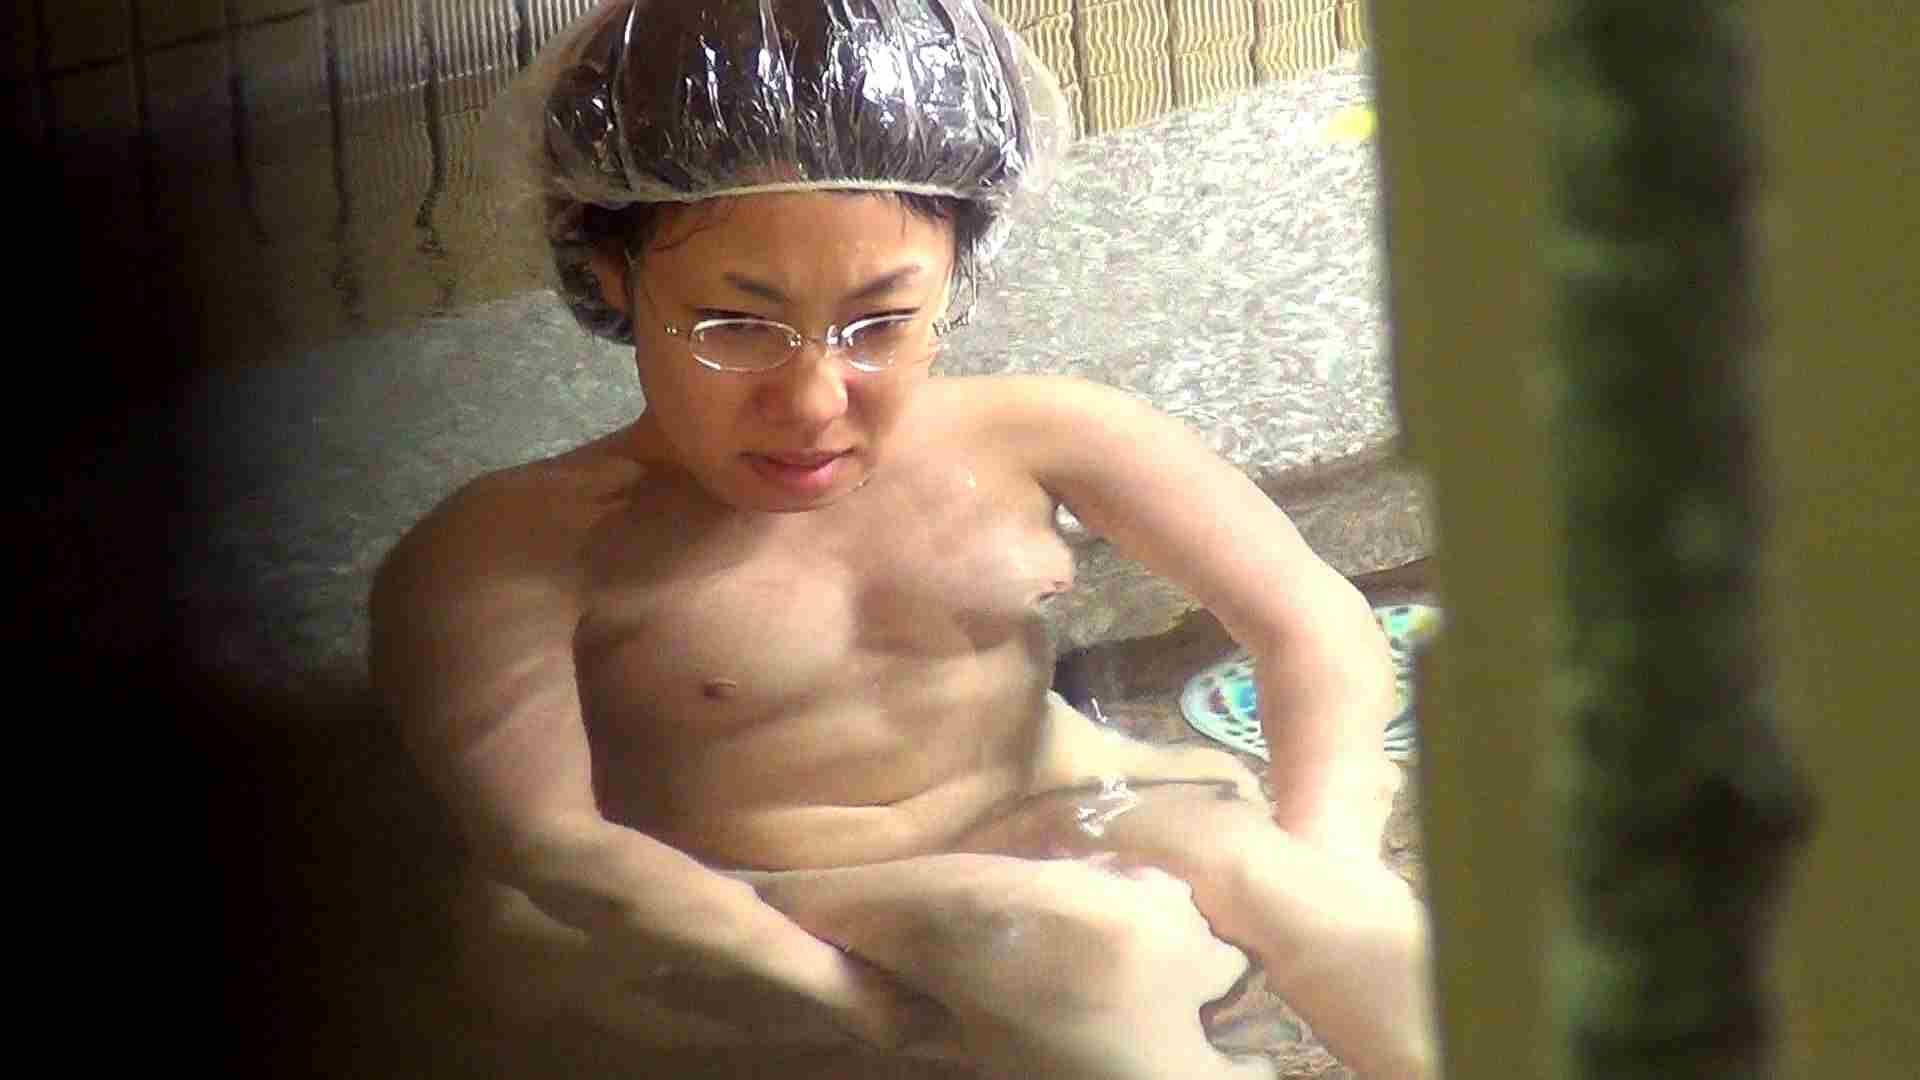 Aquaな露天風呂Vol.280 盗撮師作品   美しいOLの裸体  100pic 31